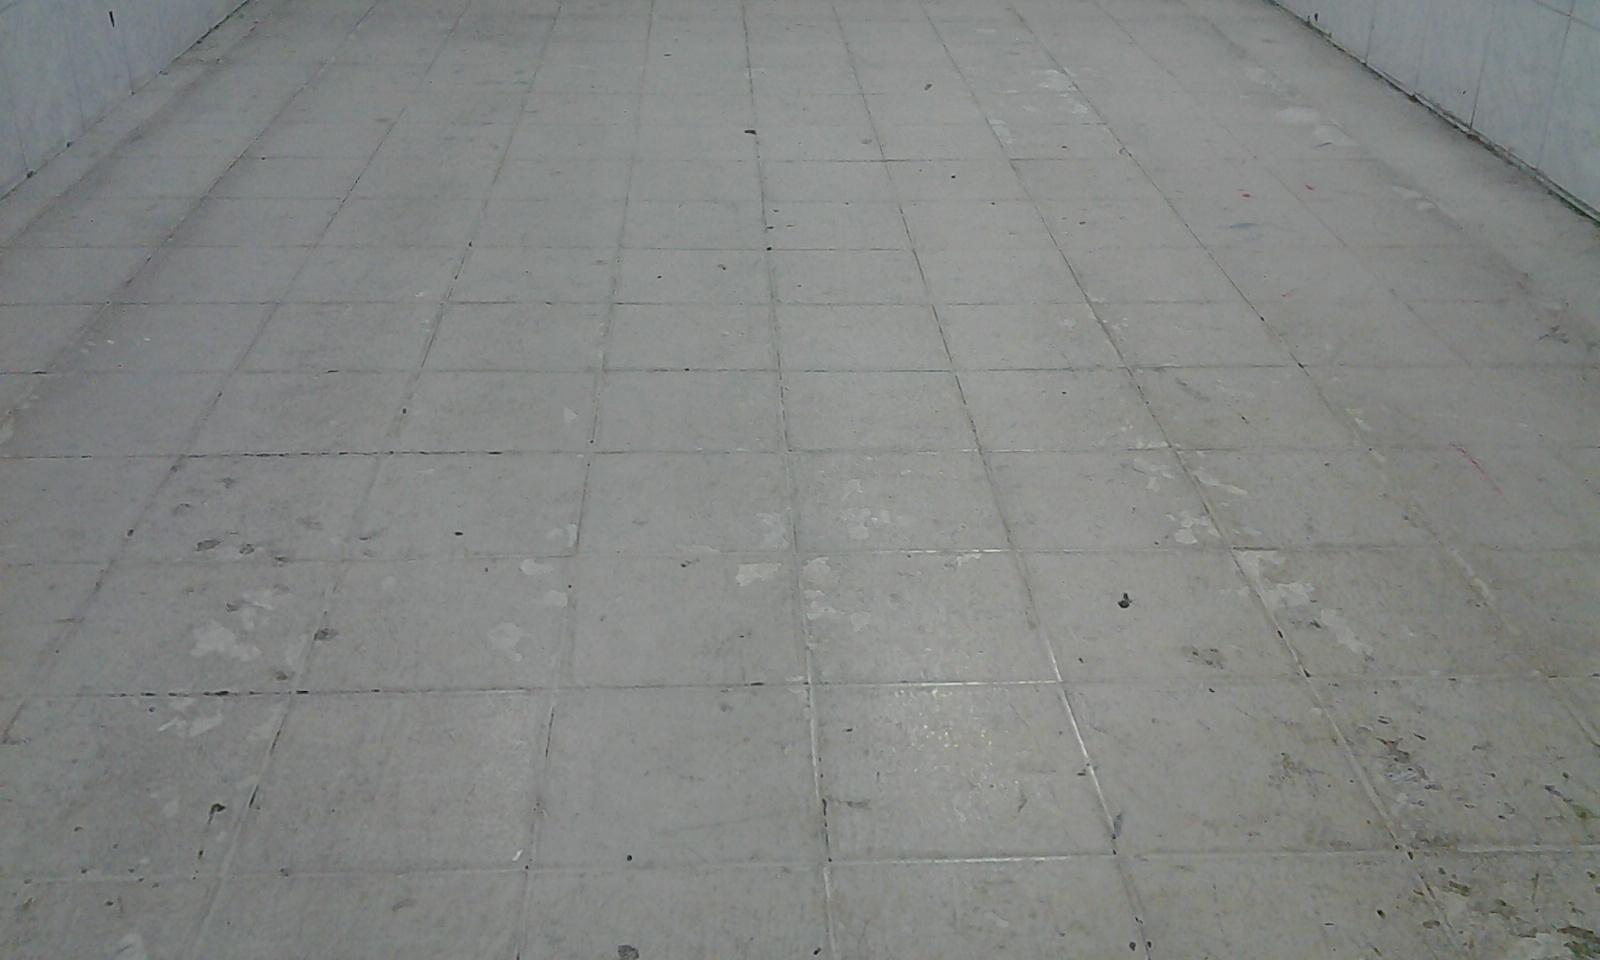 PISO CERAMICA PINTADO TINTA EPOXI 05 (CINCO) ANOS DE GARANTIA ALTO  #5B5D4F 1600 960